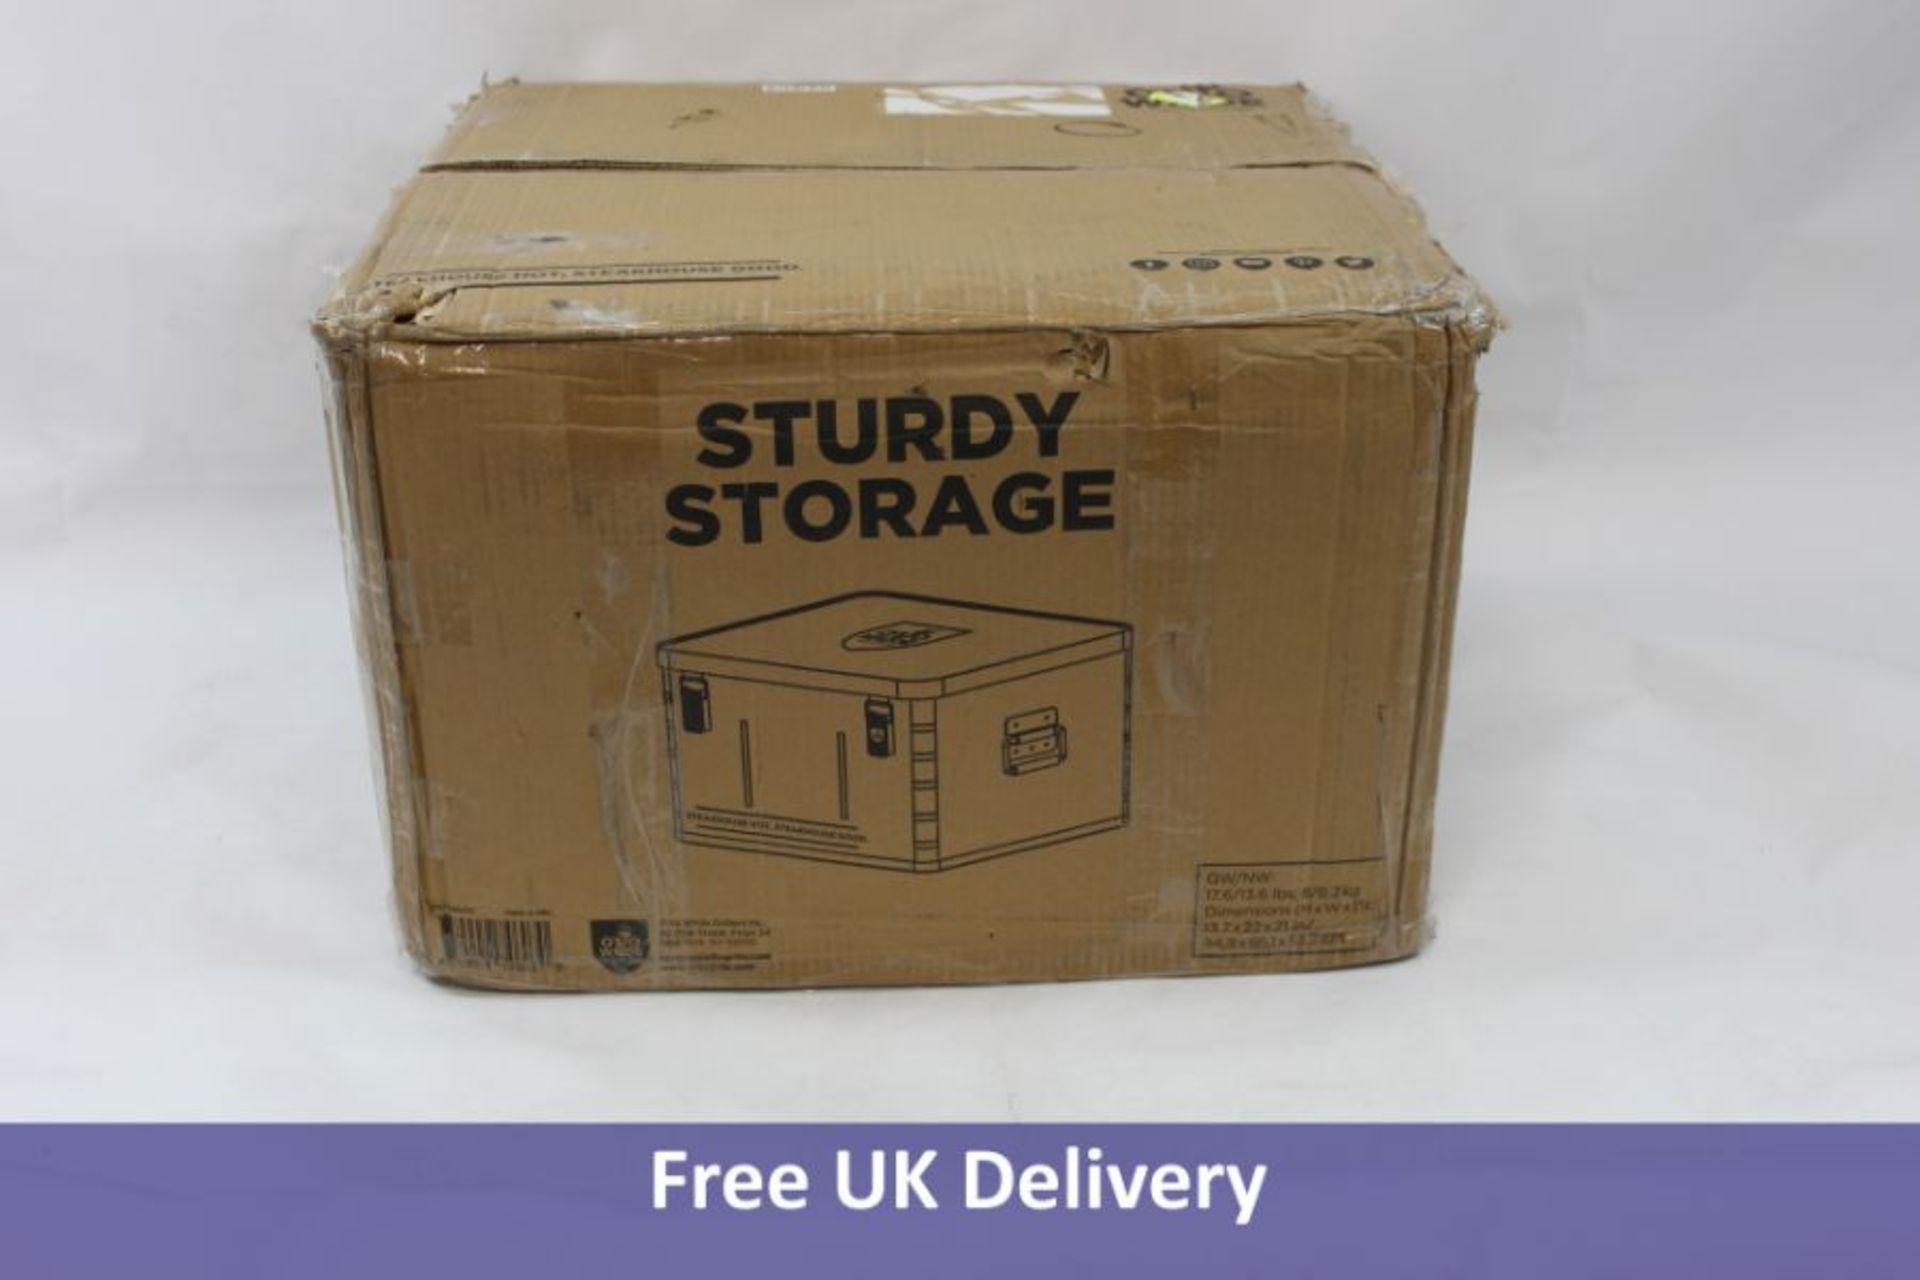 Otto's Storage Box, Silver, Size 13.5 x 22.5 x 20.5 cms